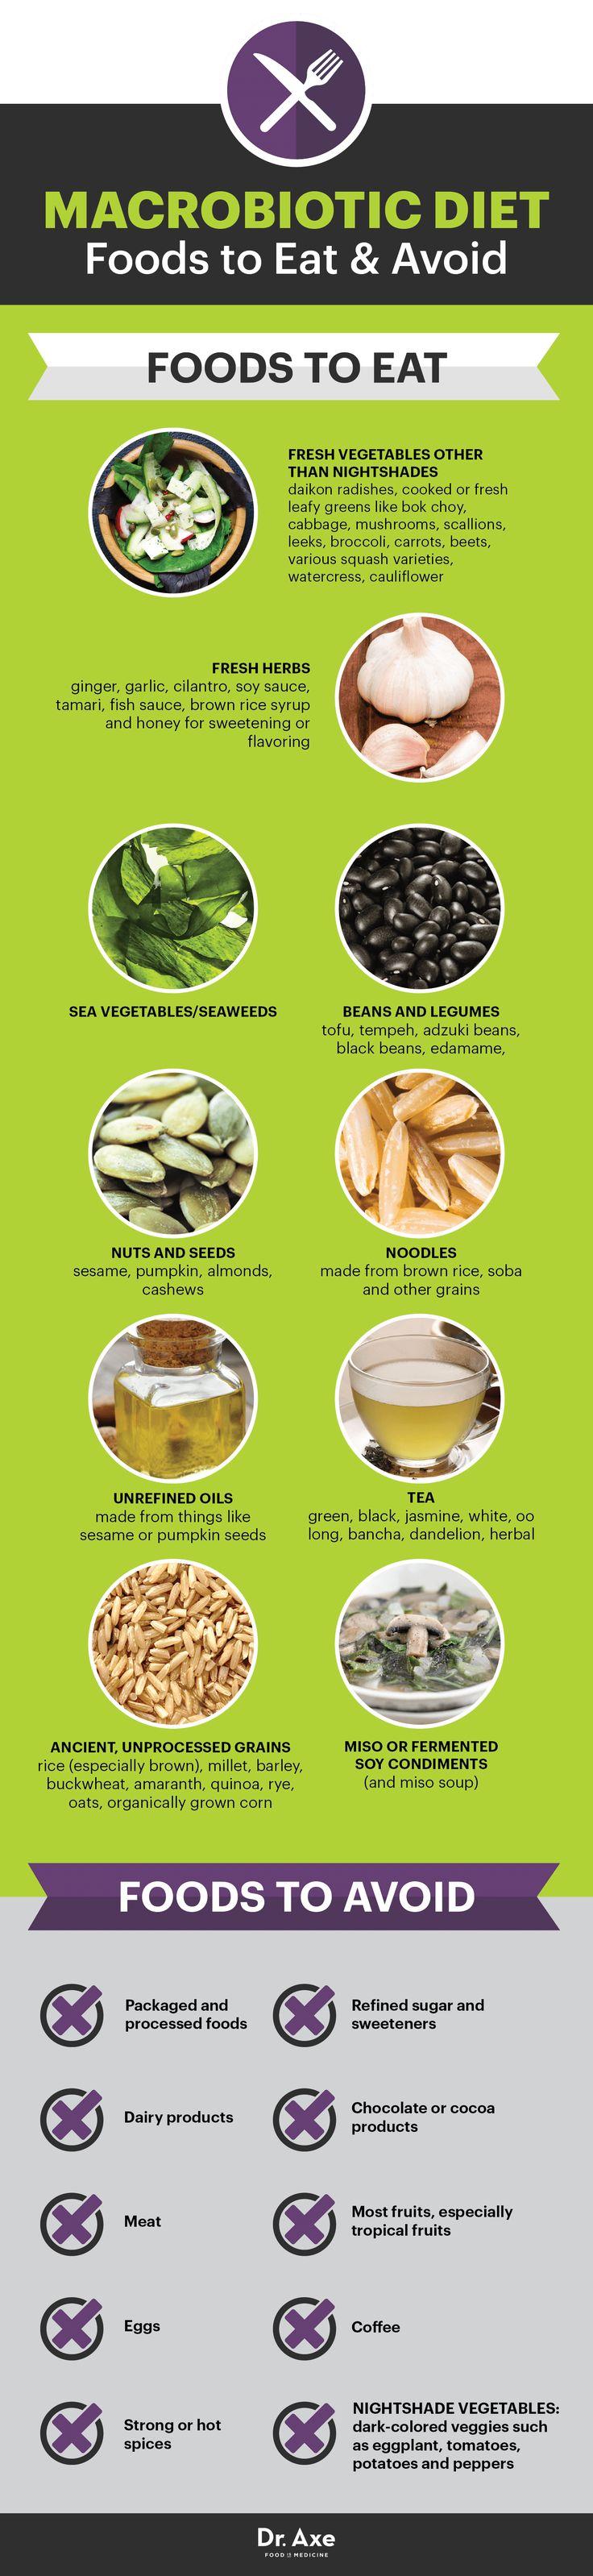 Macrobiotic diet foods - Dr. Axe